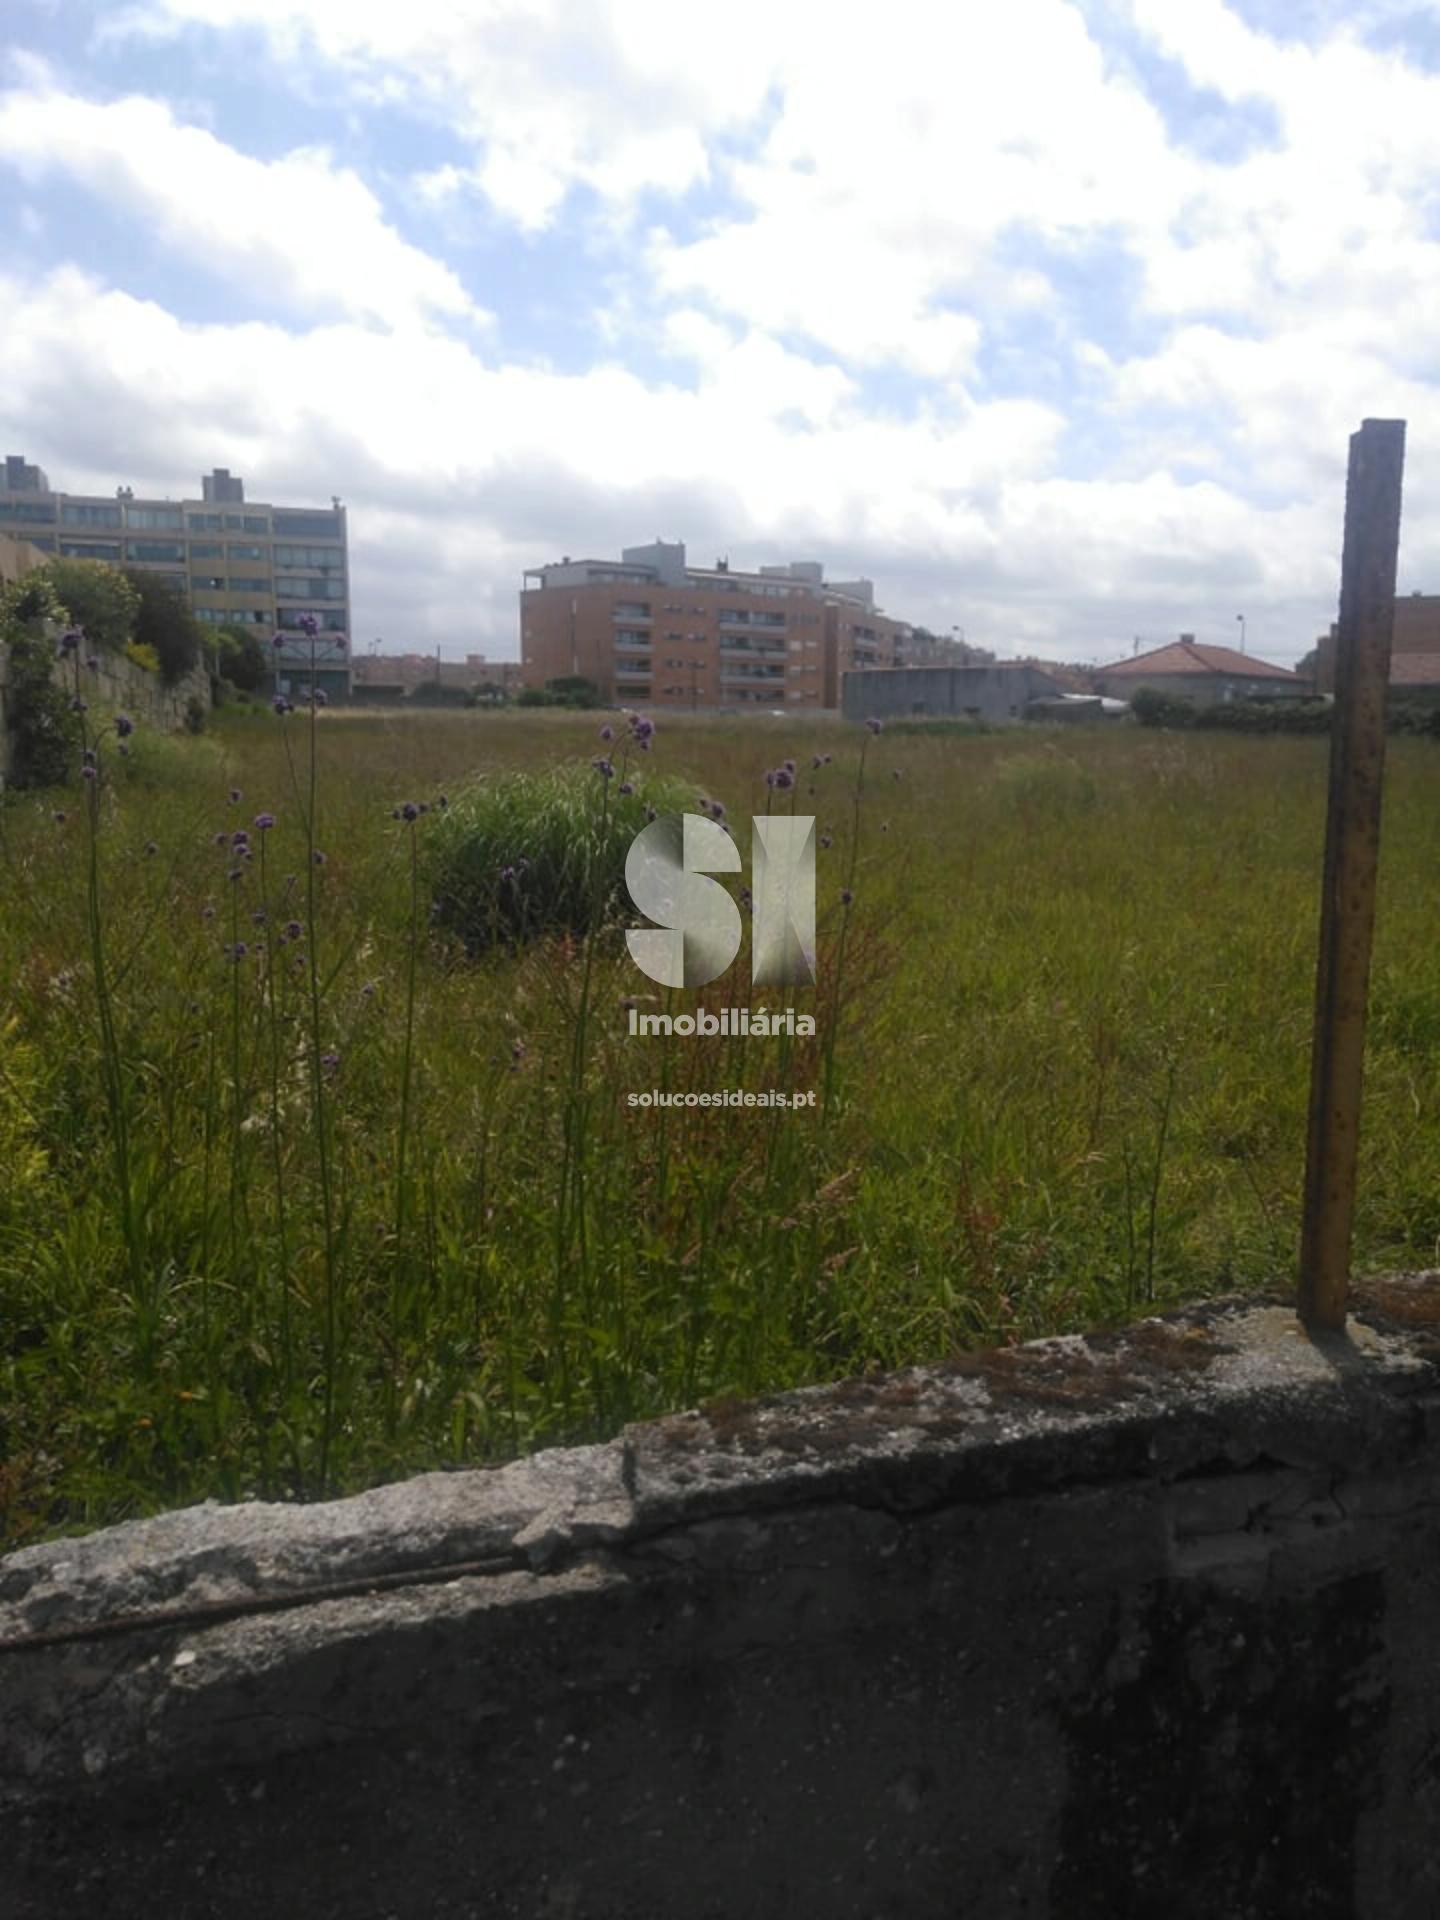 terreno para compra em matosinhos uniao das freguesias de sao mamede de infesta e senhora da hora MAIPN126